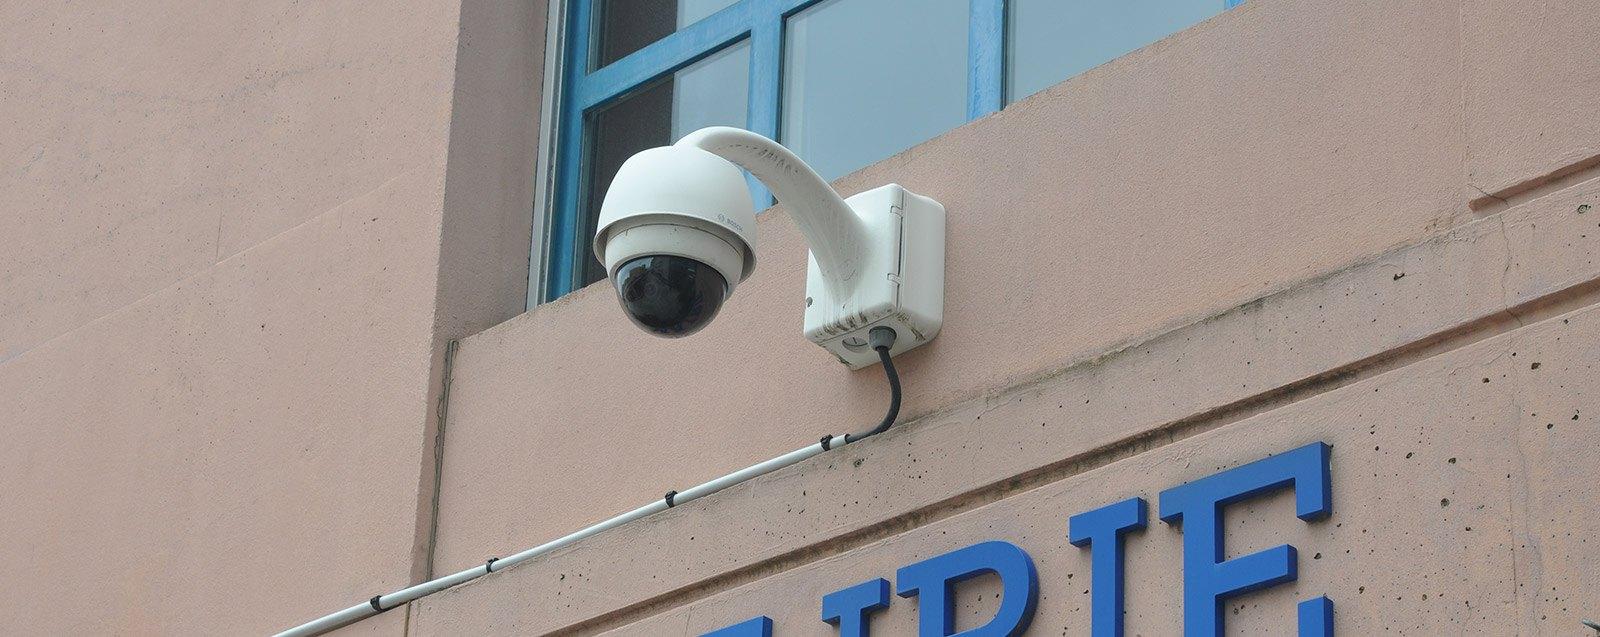 Ville vigilante, Caméra de surveillance, mairie de Villefontaine